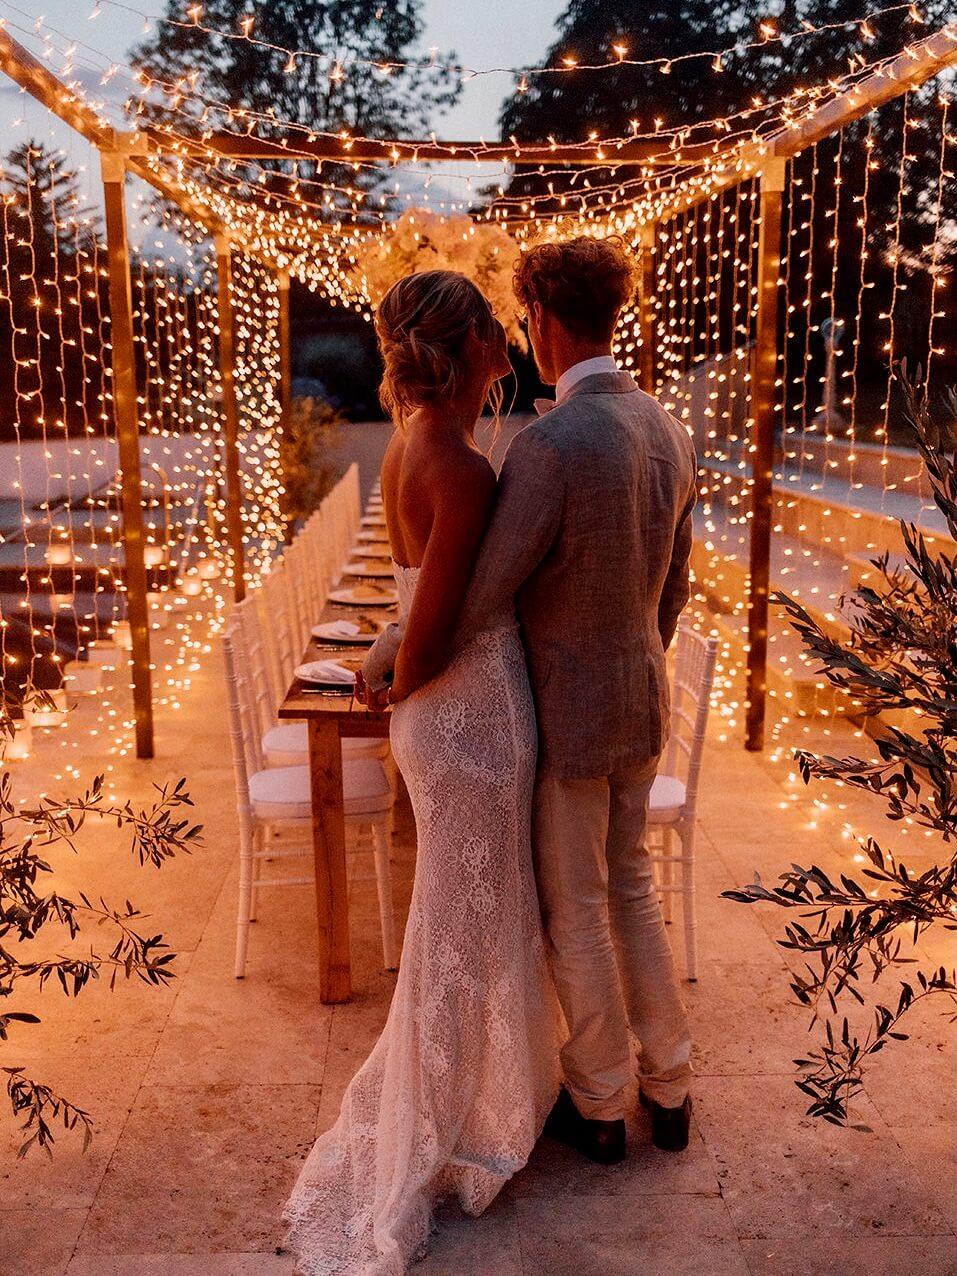 Sternenhimmel aus Lichterketten mit Dinner Frame und Brautpaar